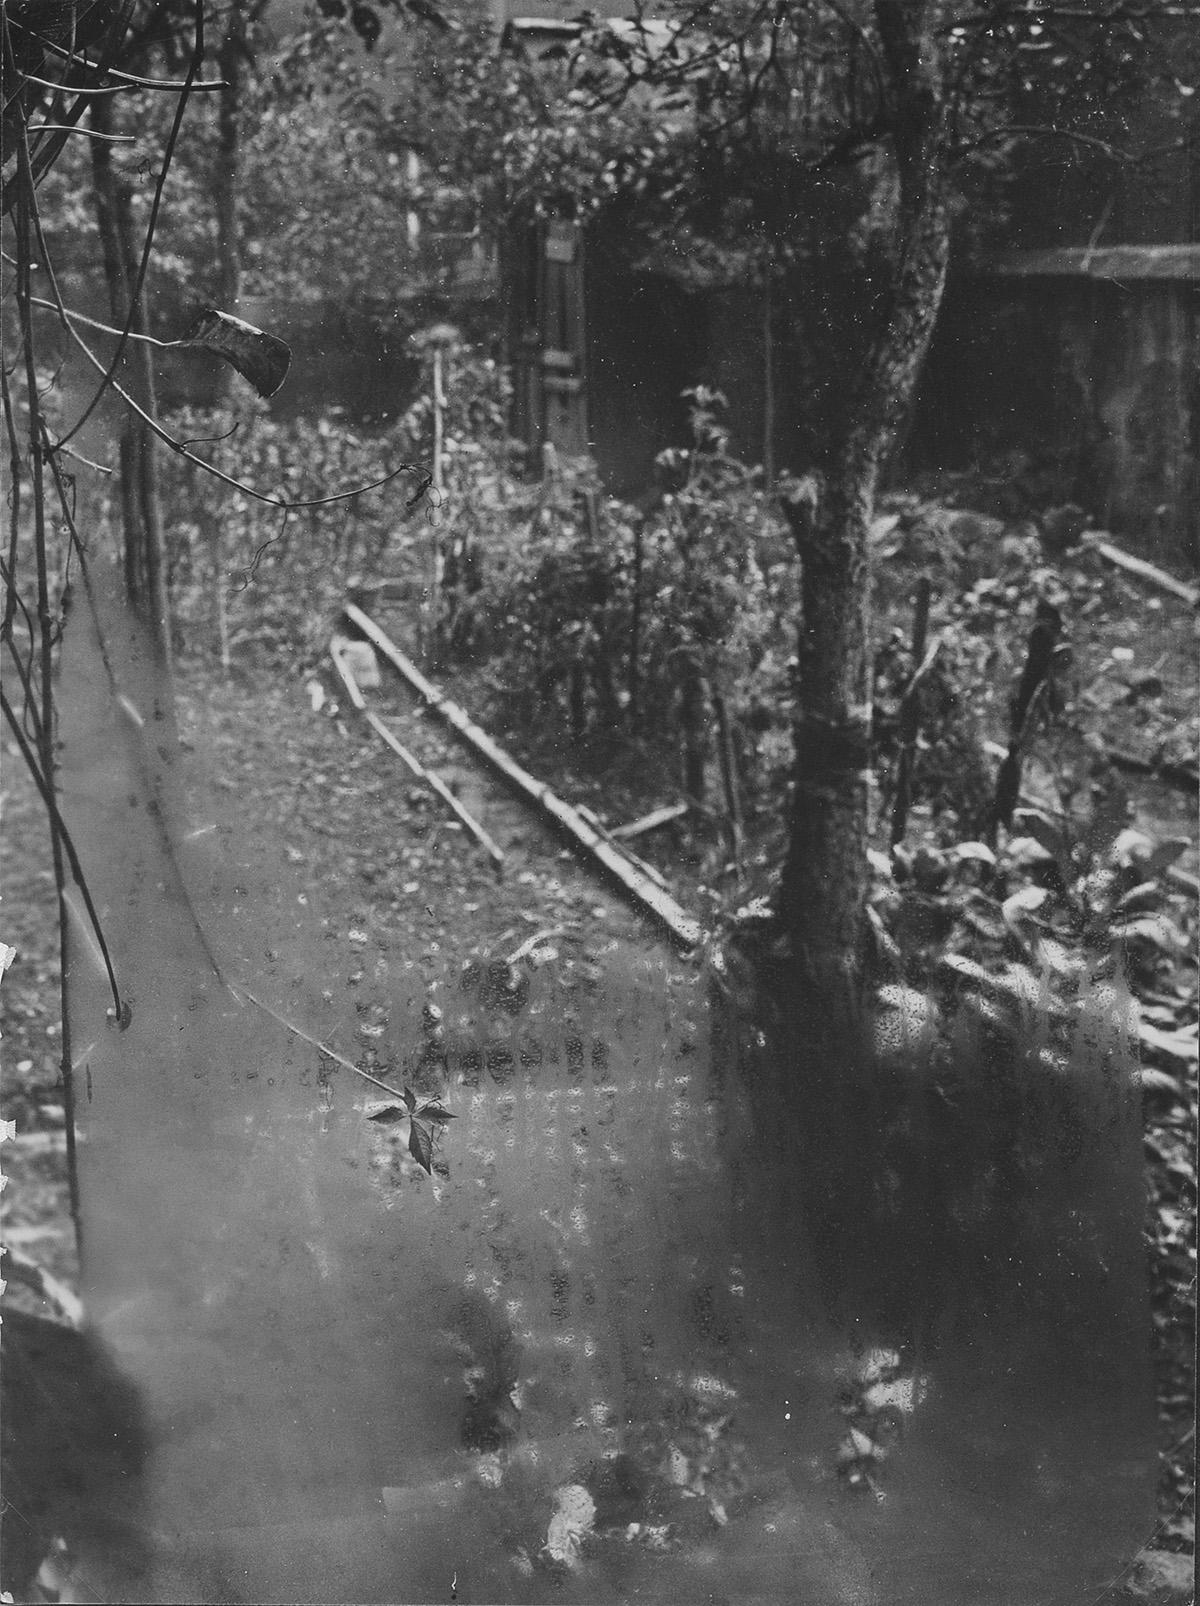 JOSEF-SUDEK-(1896-1976)-From-My-Window-(landscape)